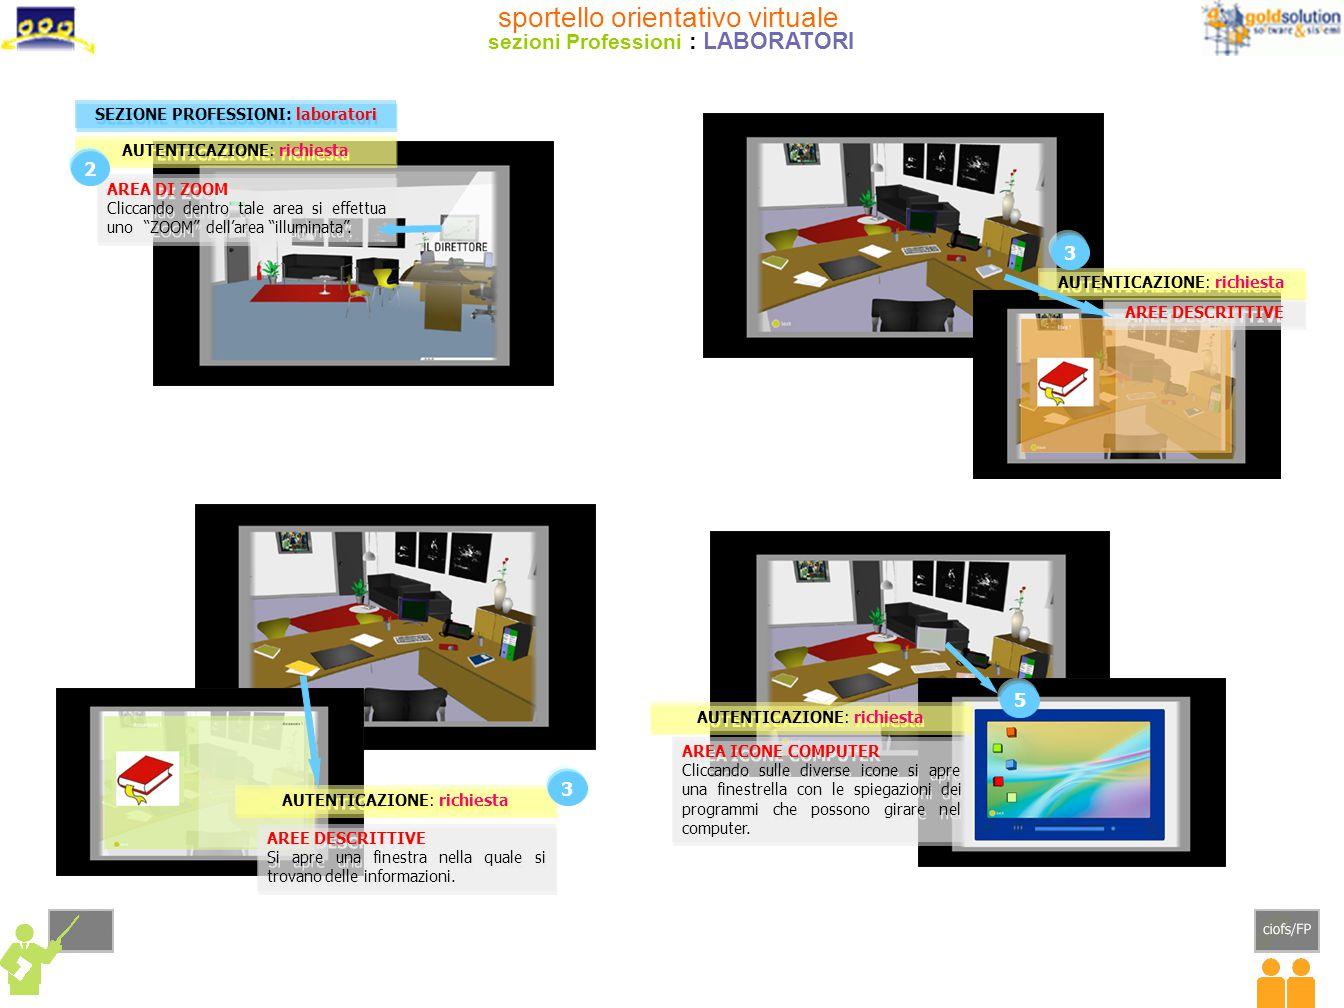 AUTENTICAZIONE: richiesta AREE DESCRITTIVE Si apre una finestra nella quale si trovano delle informazioni. AREE DESCRITTIVE Si apre una finestra nella